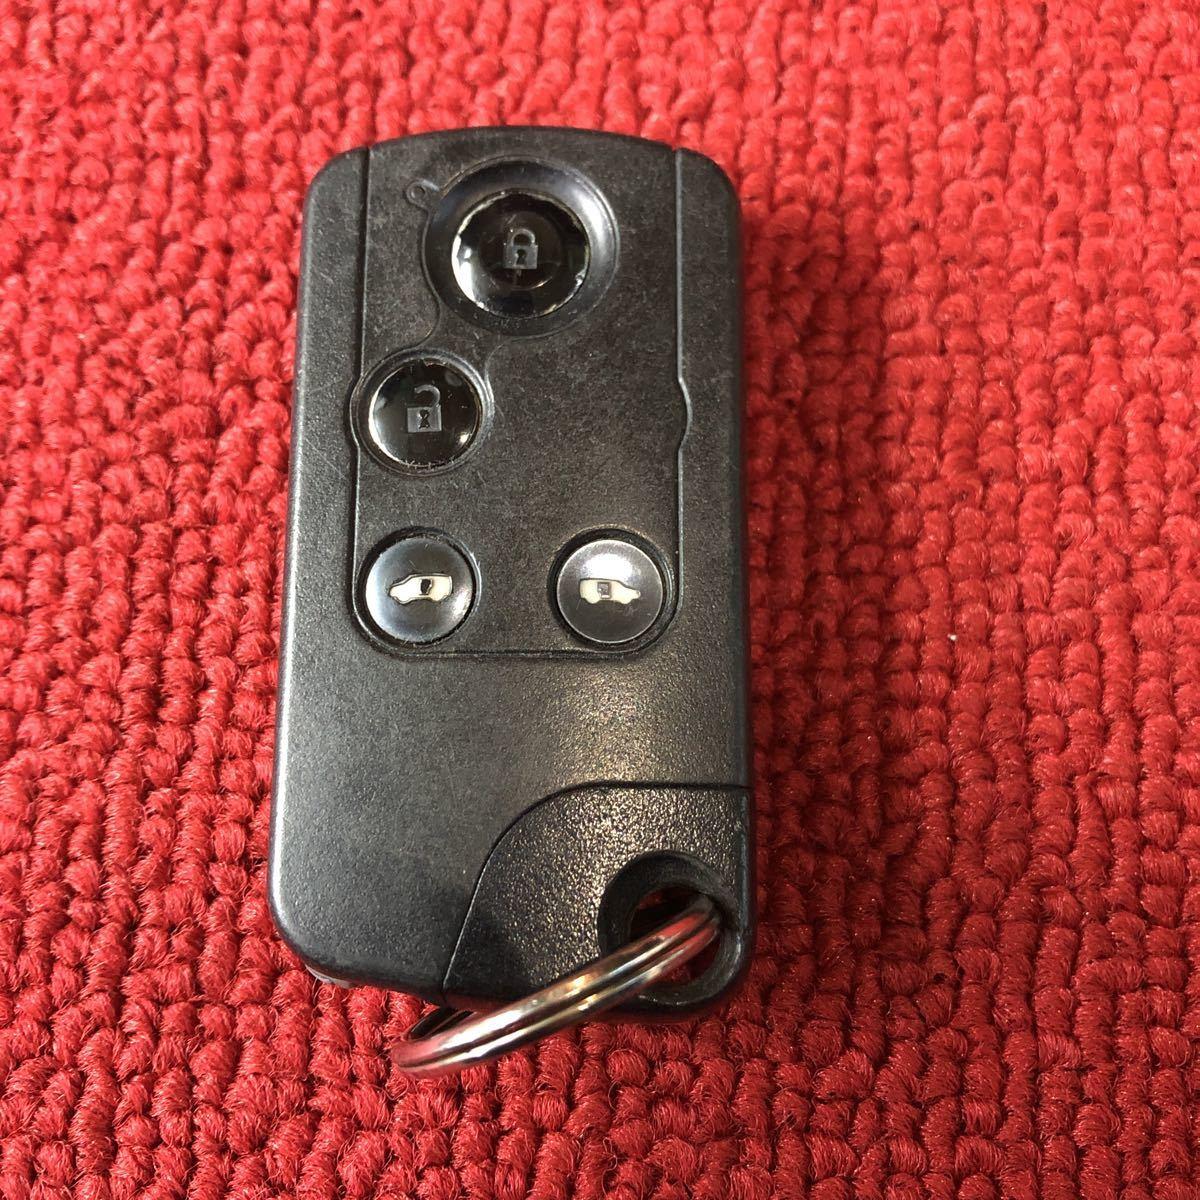 ホンダ RG系 ステップワゴン 72147-SLJ-J61 スマートキー 4ボタン 作動確認済み CC581_画像1